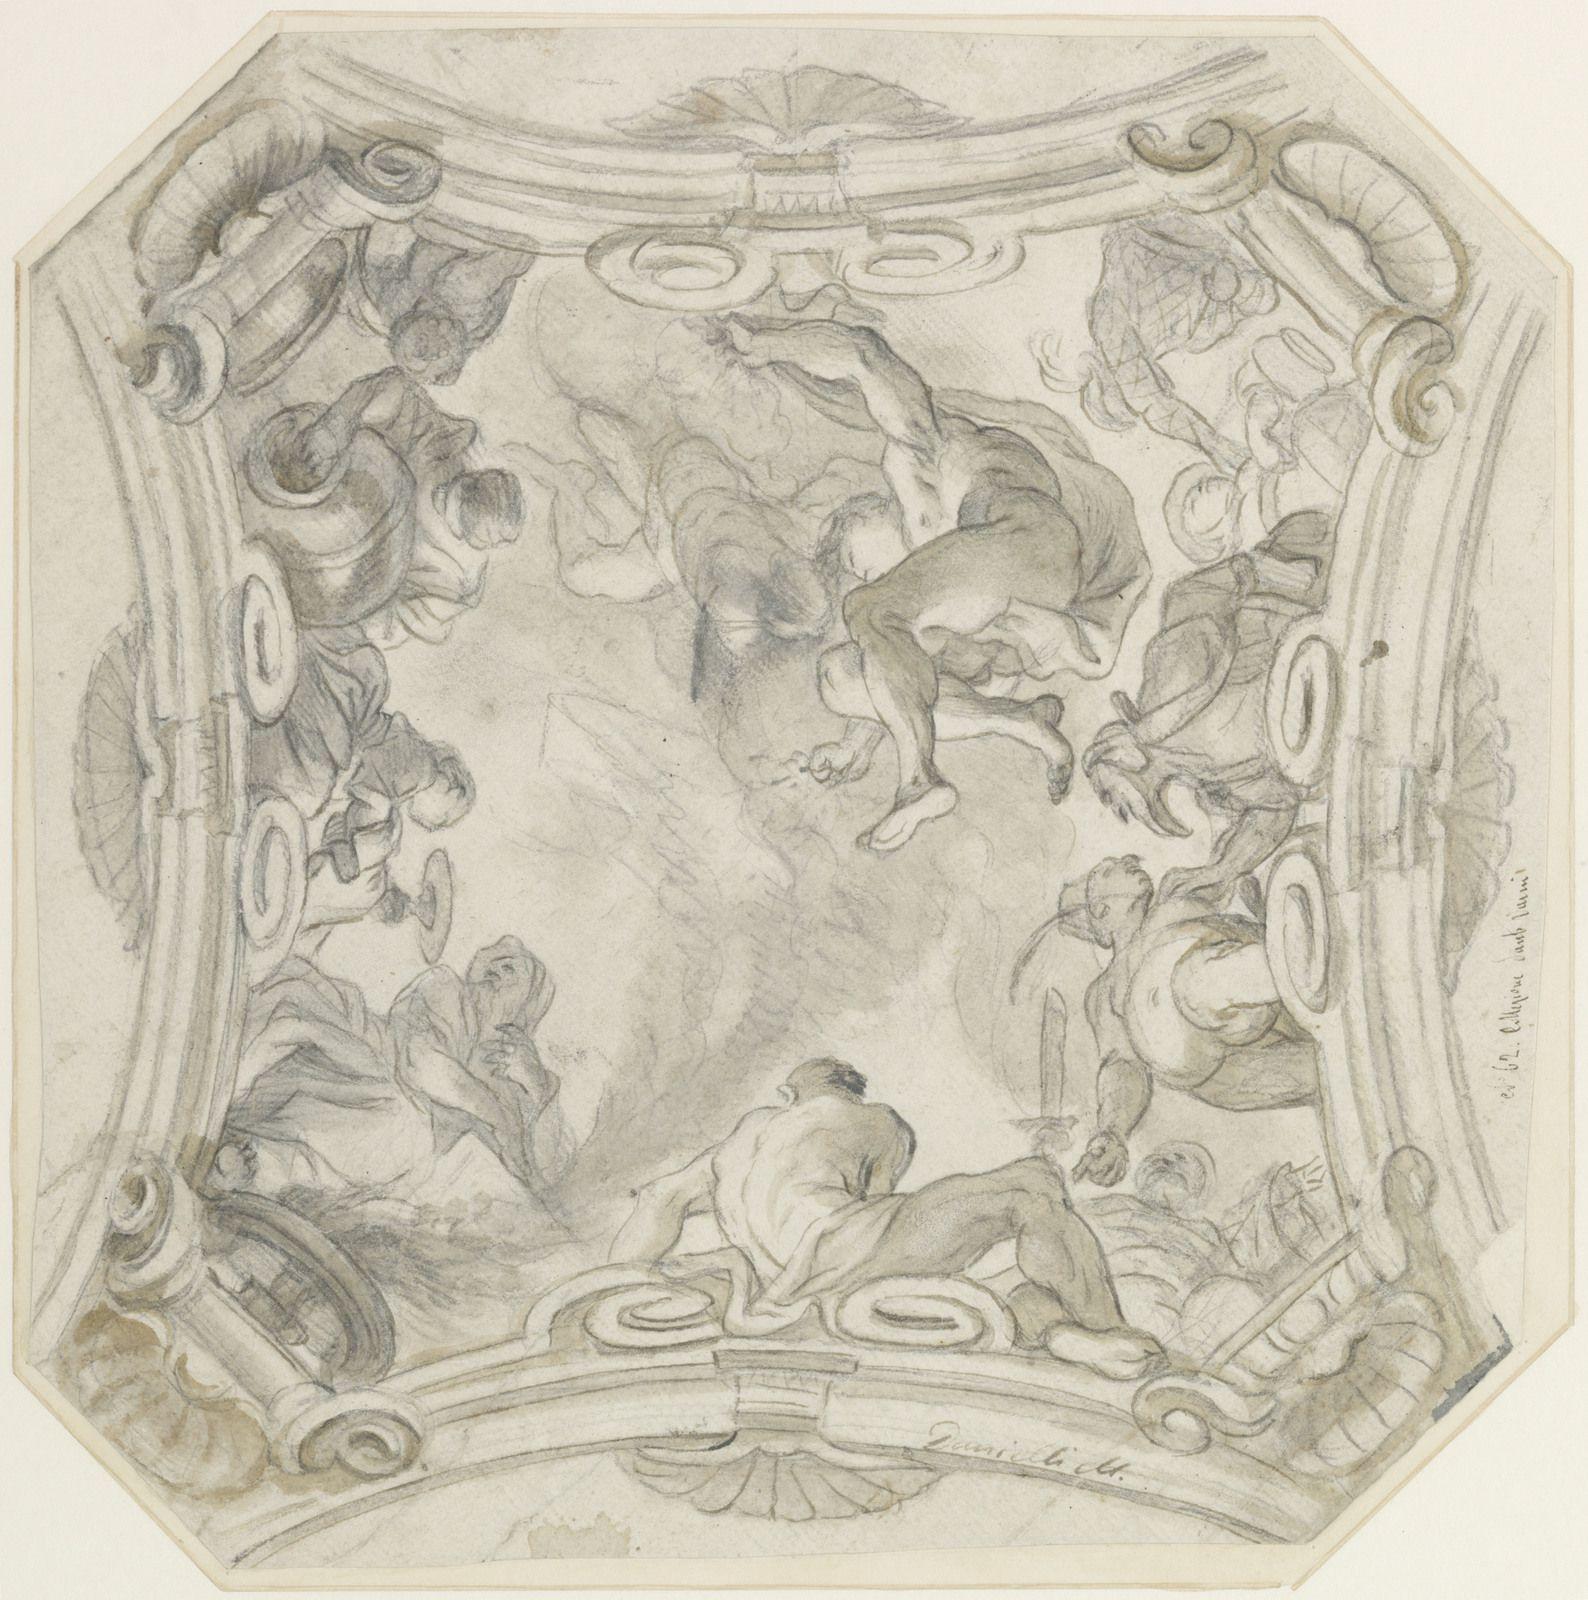 Federico Barocci (Urbino v. 1526/35 – 1612 Urbino), Tête d'un homme barbu, inclinée vers le bas, et étude de main. Pierre noire, sanguine et craie blanche. – 407 × 269 mm Fondation Custodia, Collection Frits Lugt, Paris, inv. 472